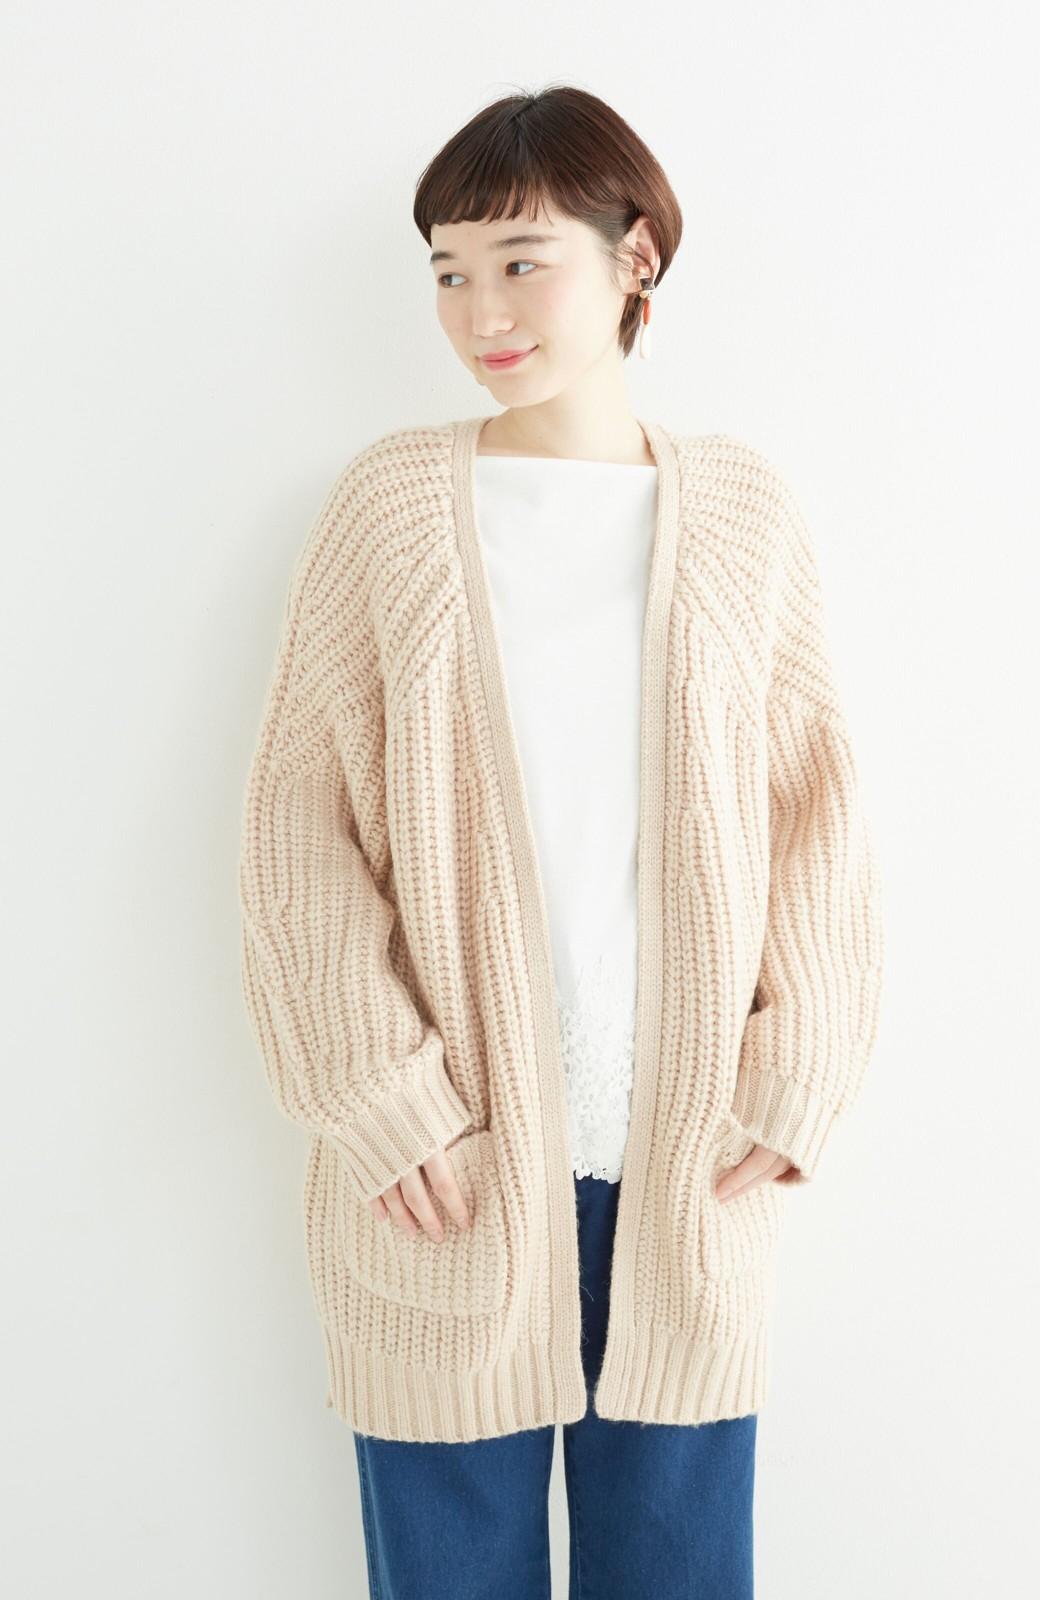 エムトロワ ぱっと羽織るのに便利なざっくり編みカーディガン <ライトベージュ>の商品写真11